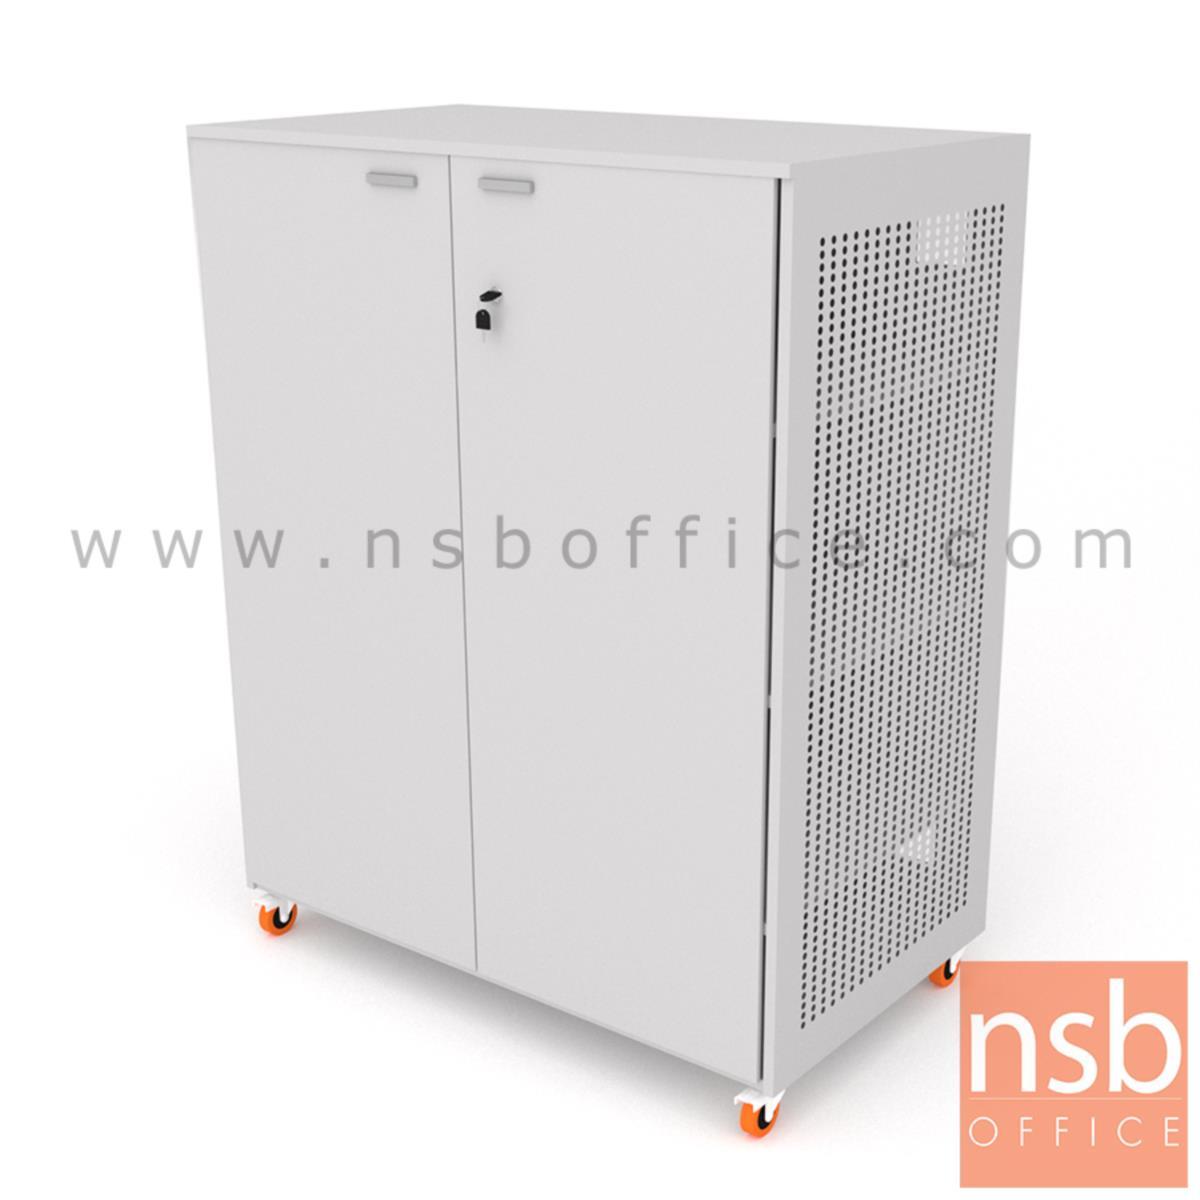 C12A013:ตู้เก็บเครื่องมืออุปกรณ์ไฟฟ้าแบบเคลื่อนที่ได้  รุ่น NSB-2013 ขนาด 120W*150H cm. ลูกล้อพียู (รับผลิตนอกแบบ)